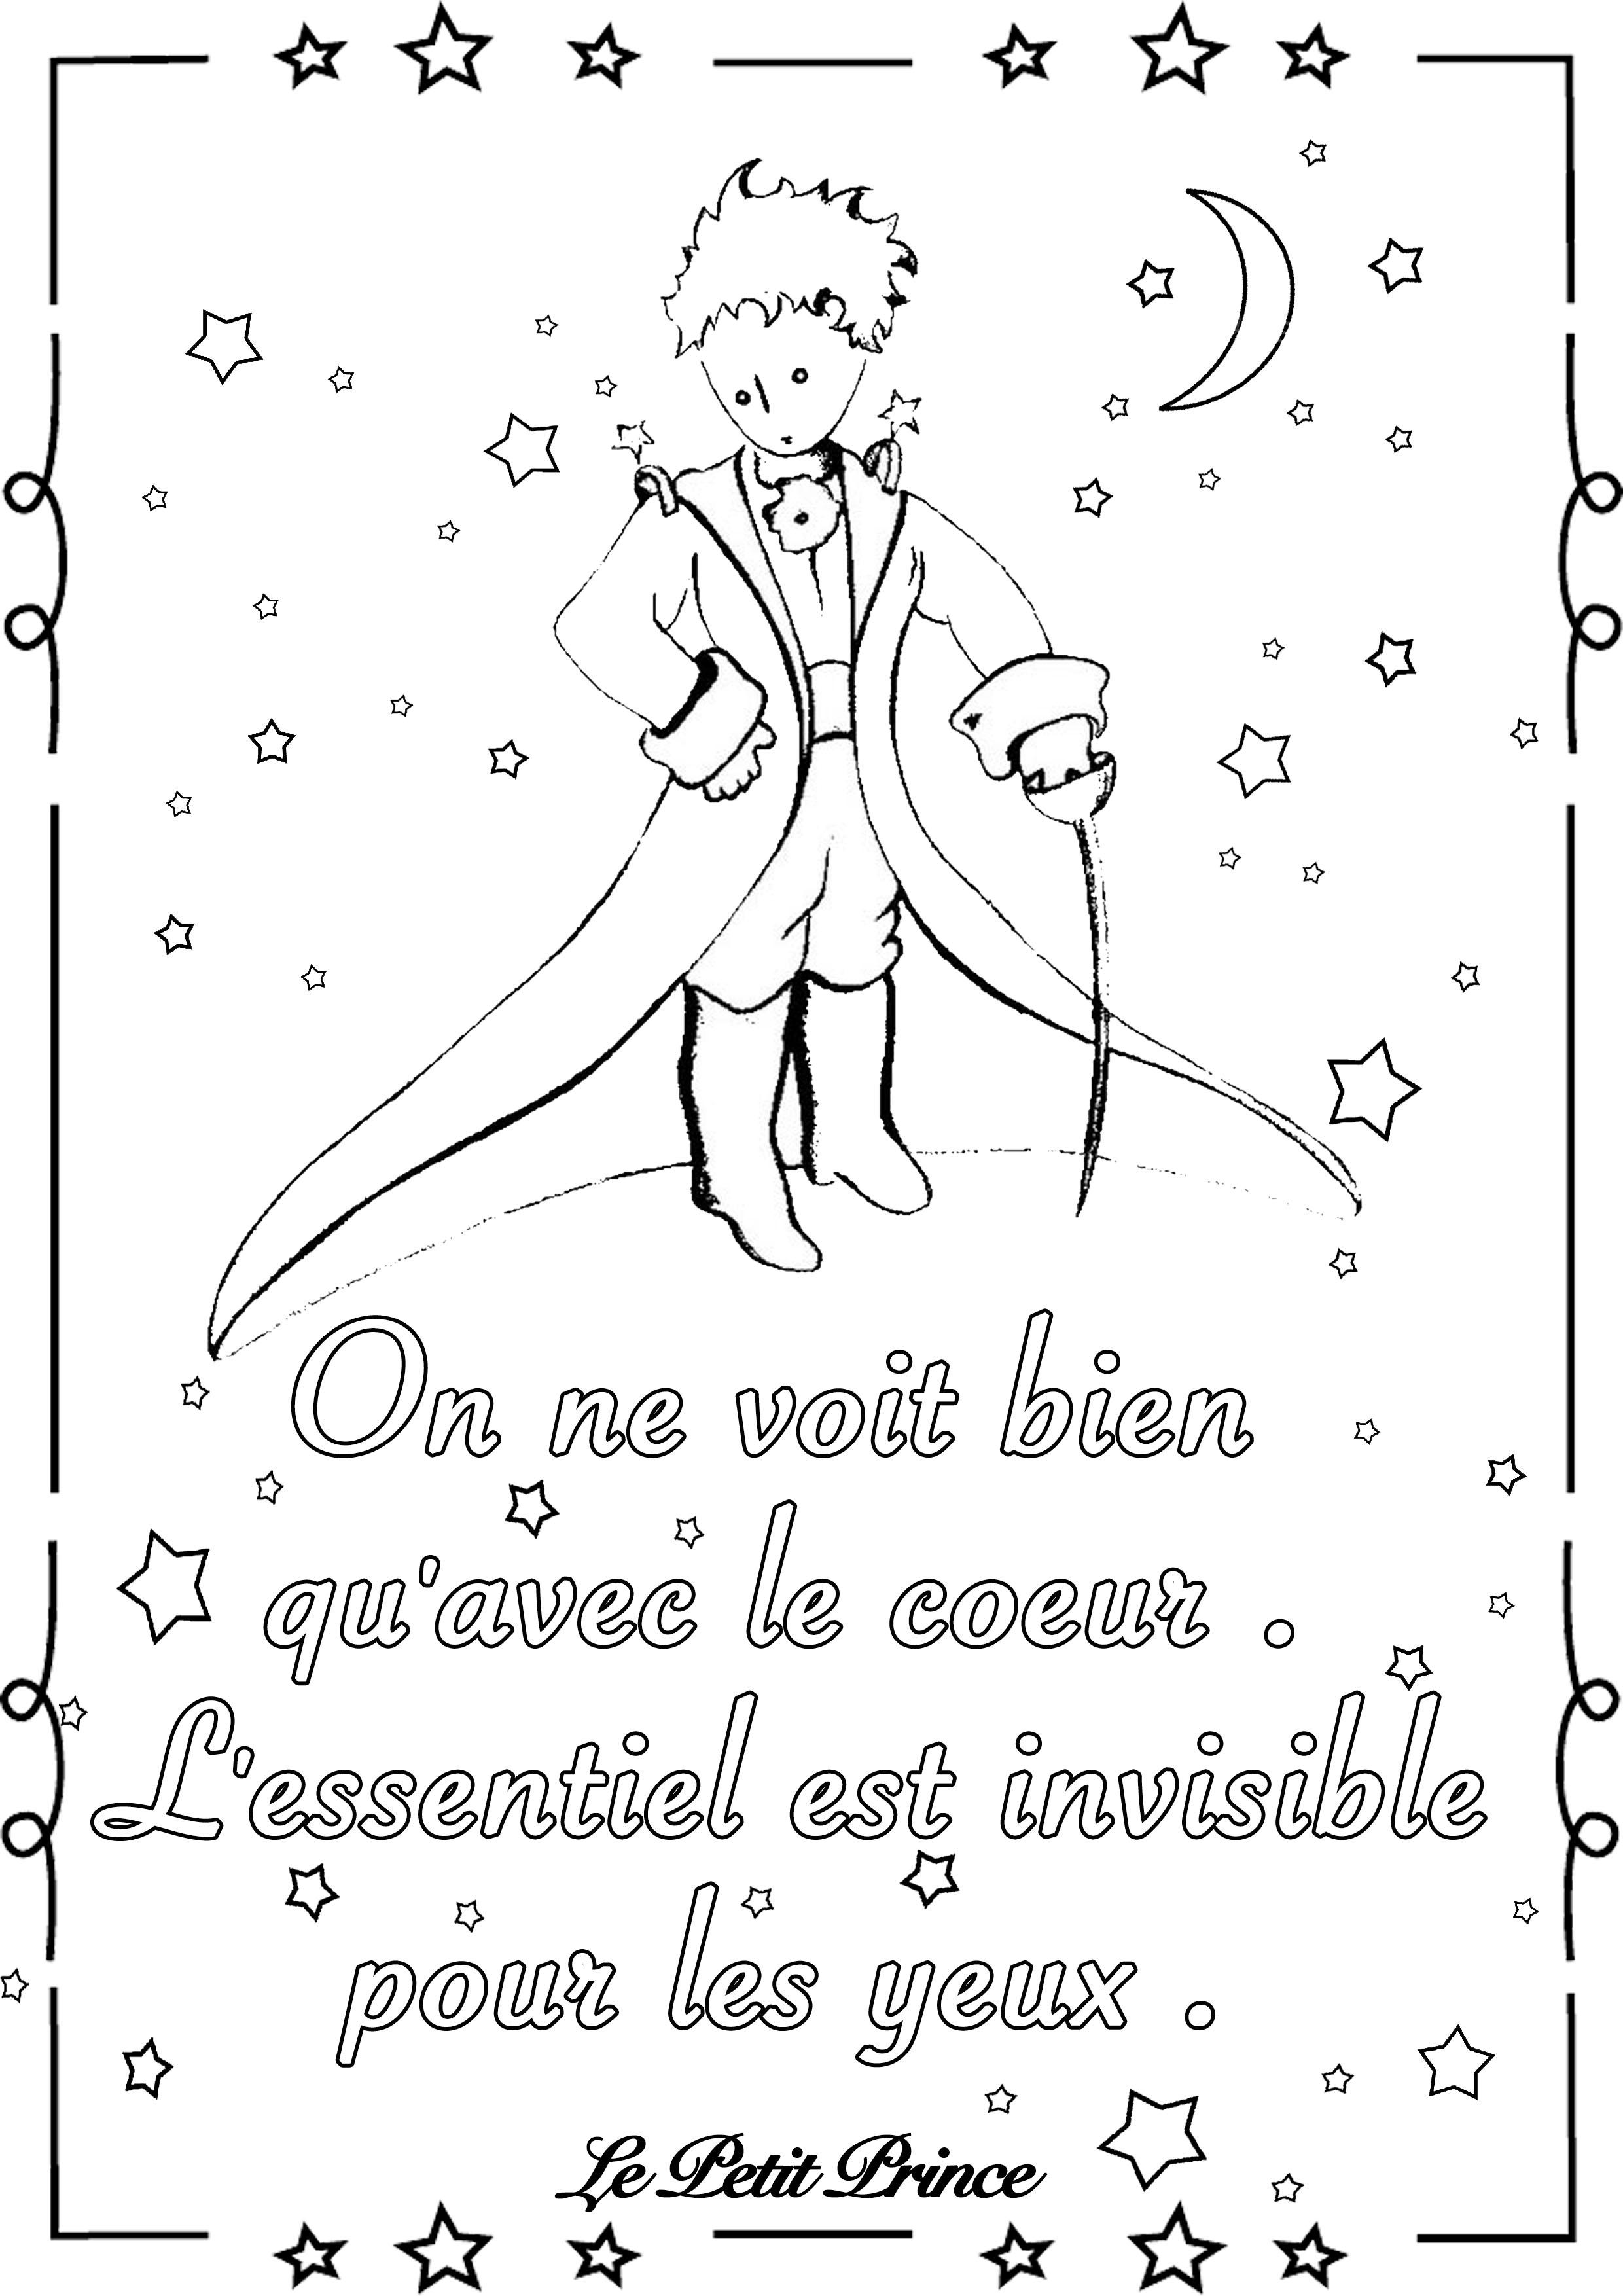 On ne voit bien qu'avec le coeur. L'essentiel est invisible pour les yeux - Le Petit Prince (Antoine de Saint-Exupéry)